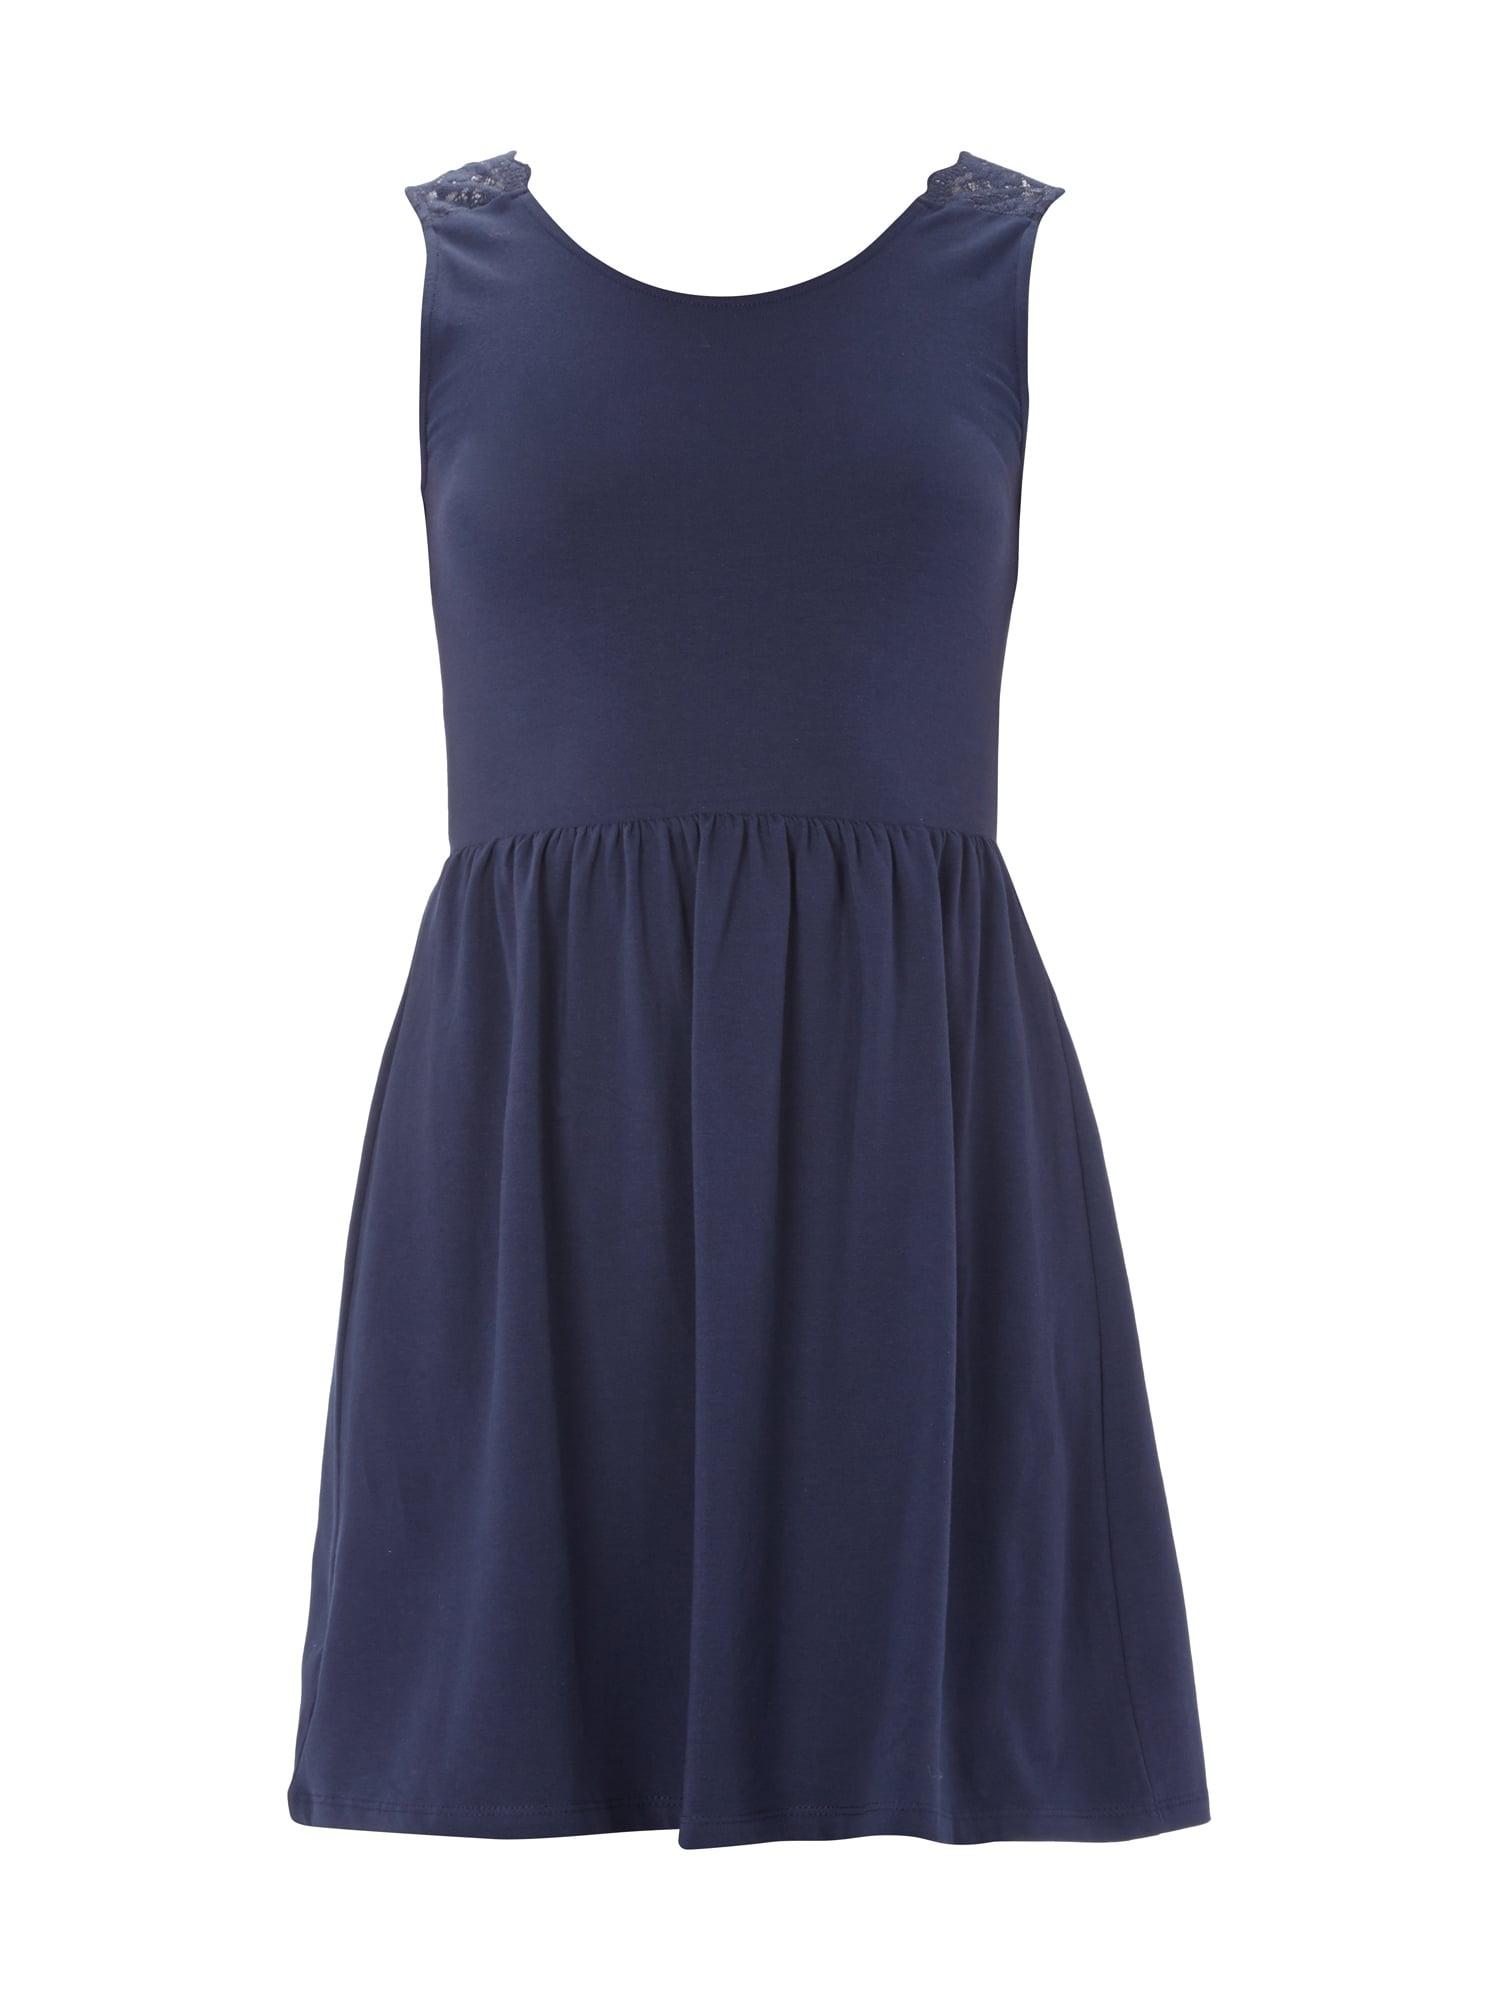 Schön Kleid Blau Mit Spitze für 201915 Schön Kleid Blau Mit Spitze Vertrieb